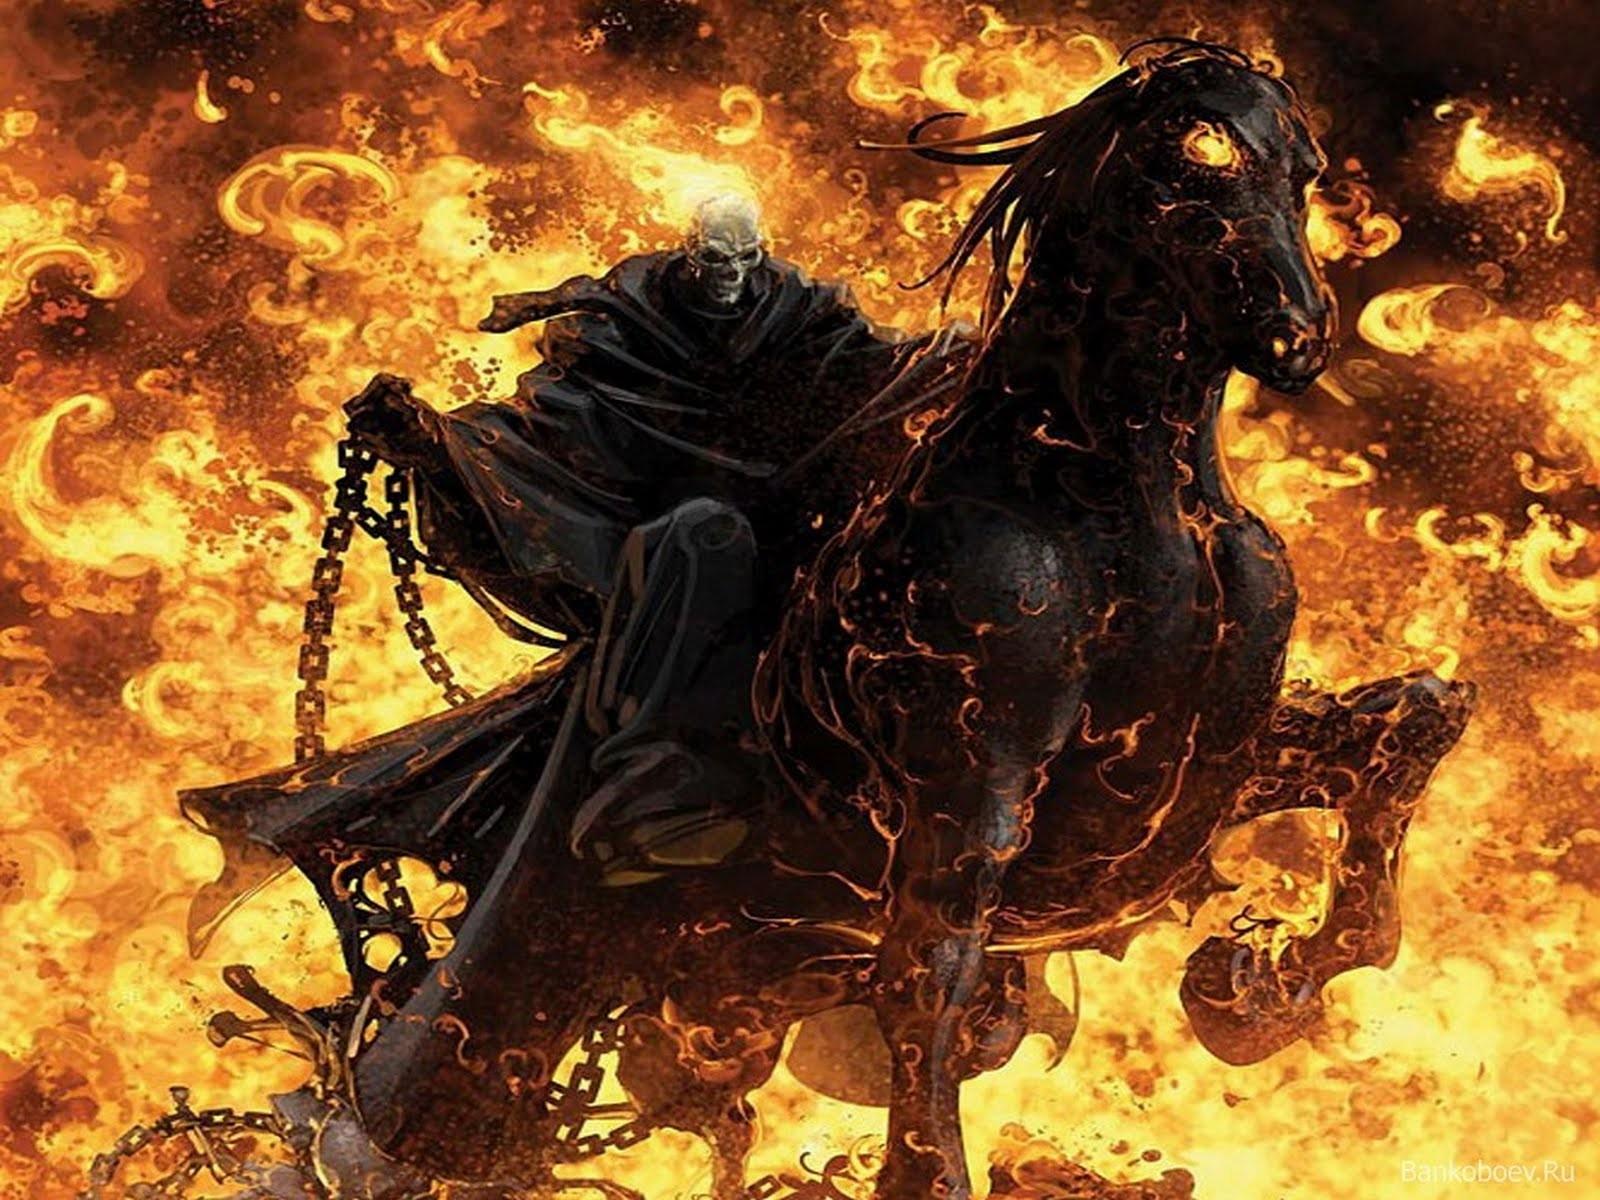 Download Wallpaper Horse Ghost Rider - ghost_rider_fire_skull_wallpaper-normal  HD_796514.jpg